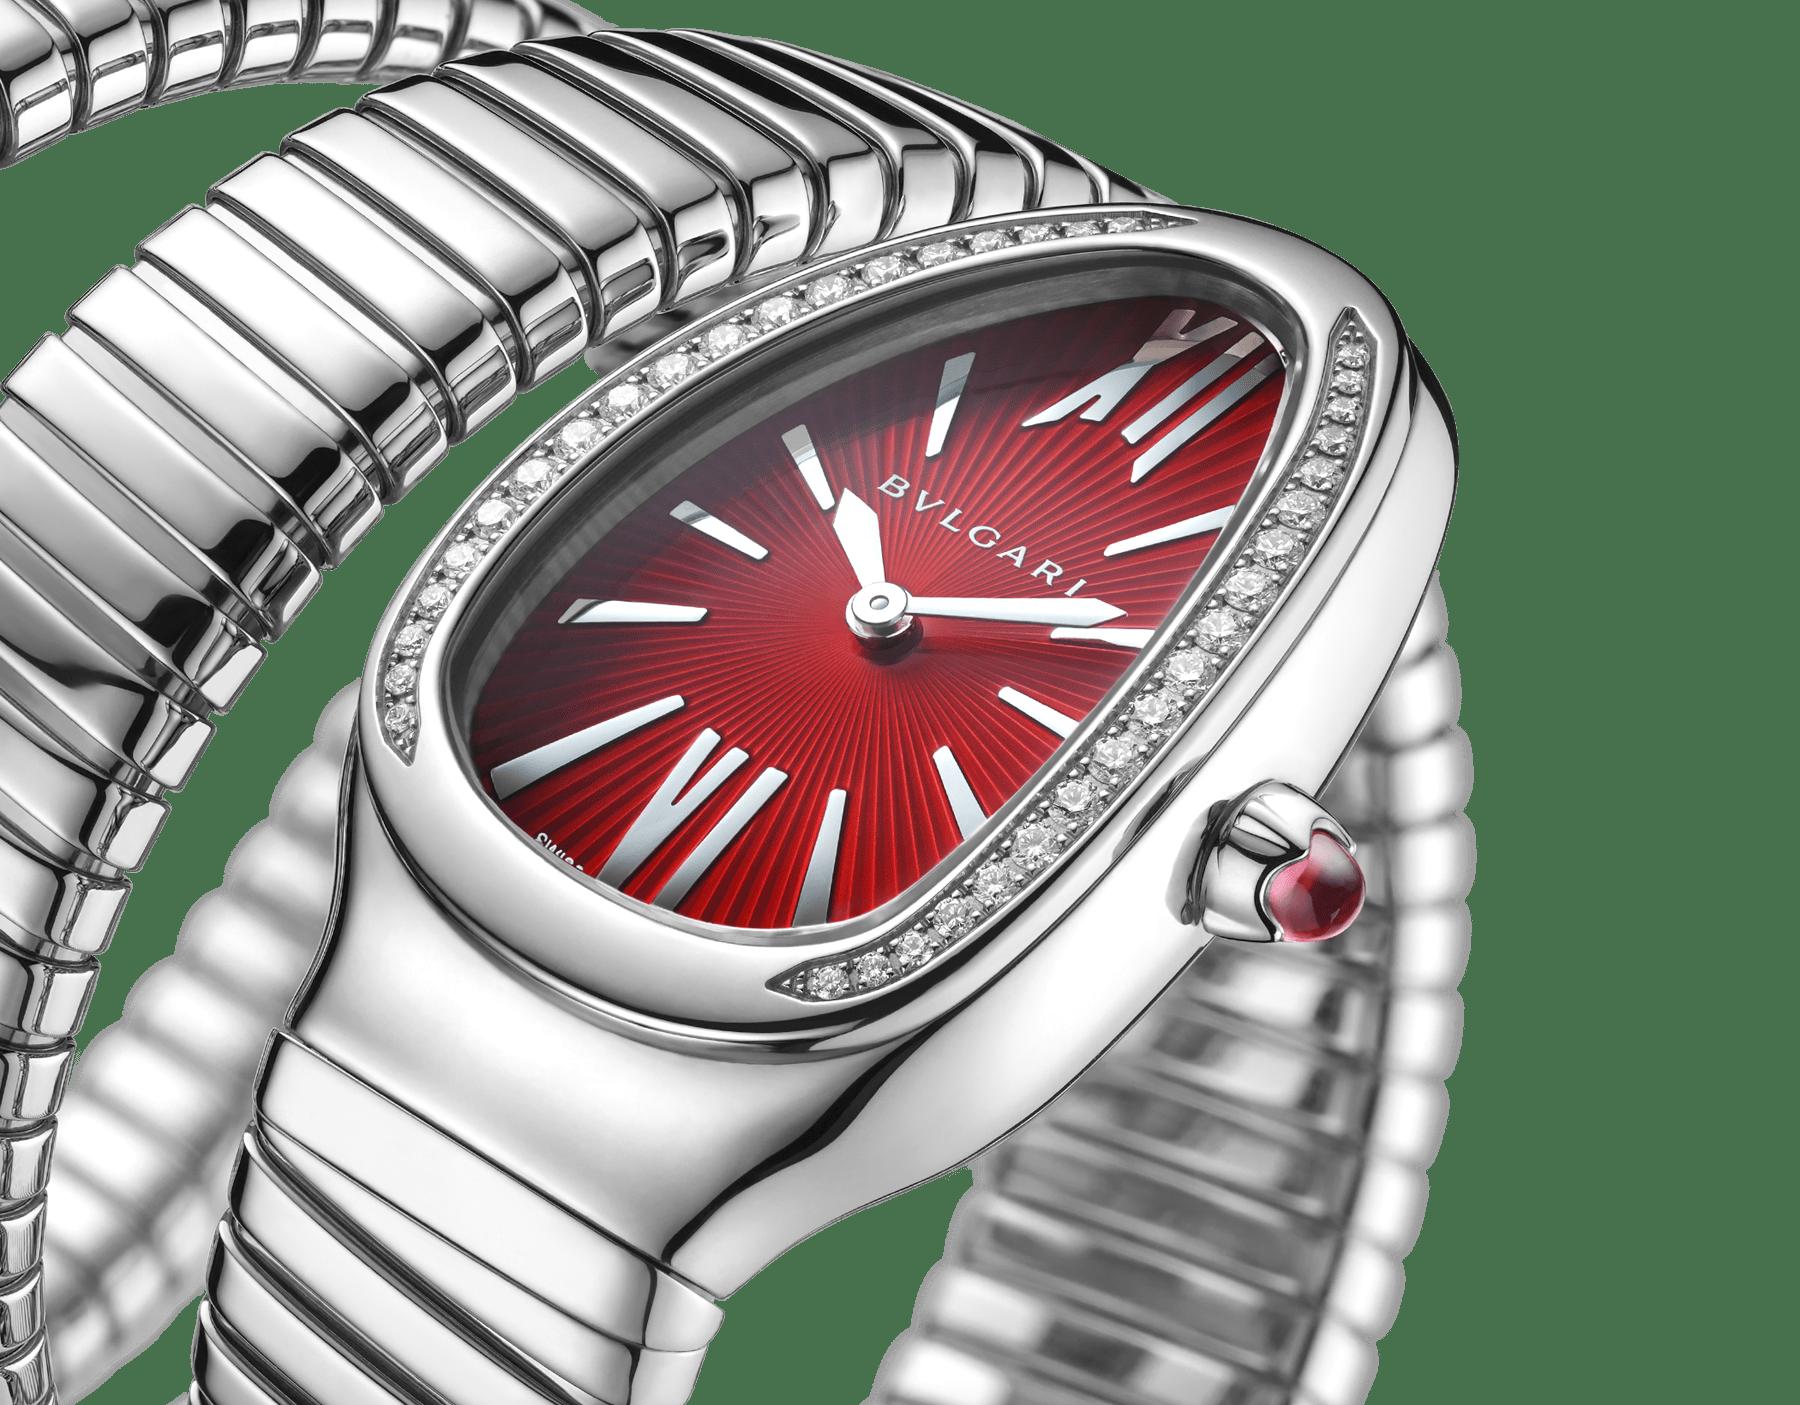 Orologio Serpenti Tubogas con cassa in acciaio inossidabile con diamanti taglio brillante, quadrante laccato rosso e bracciale a doppia spirale in acciaio inossidabile. 102682 image 3